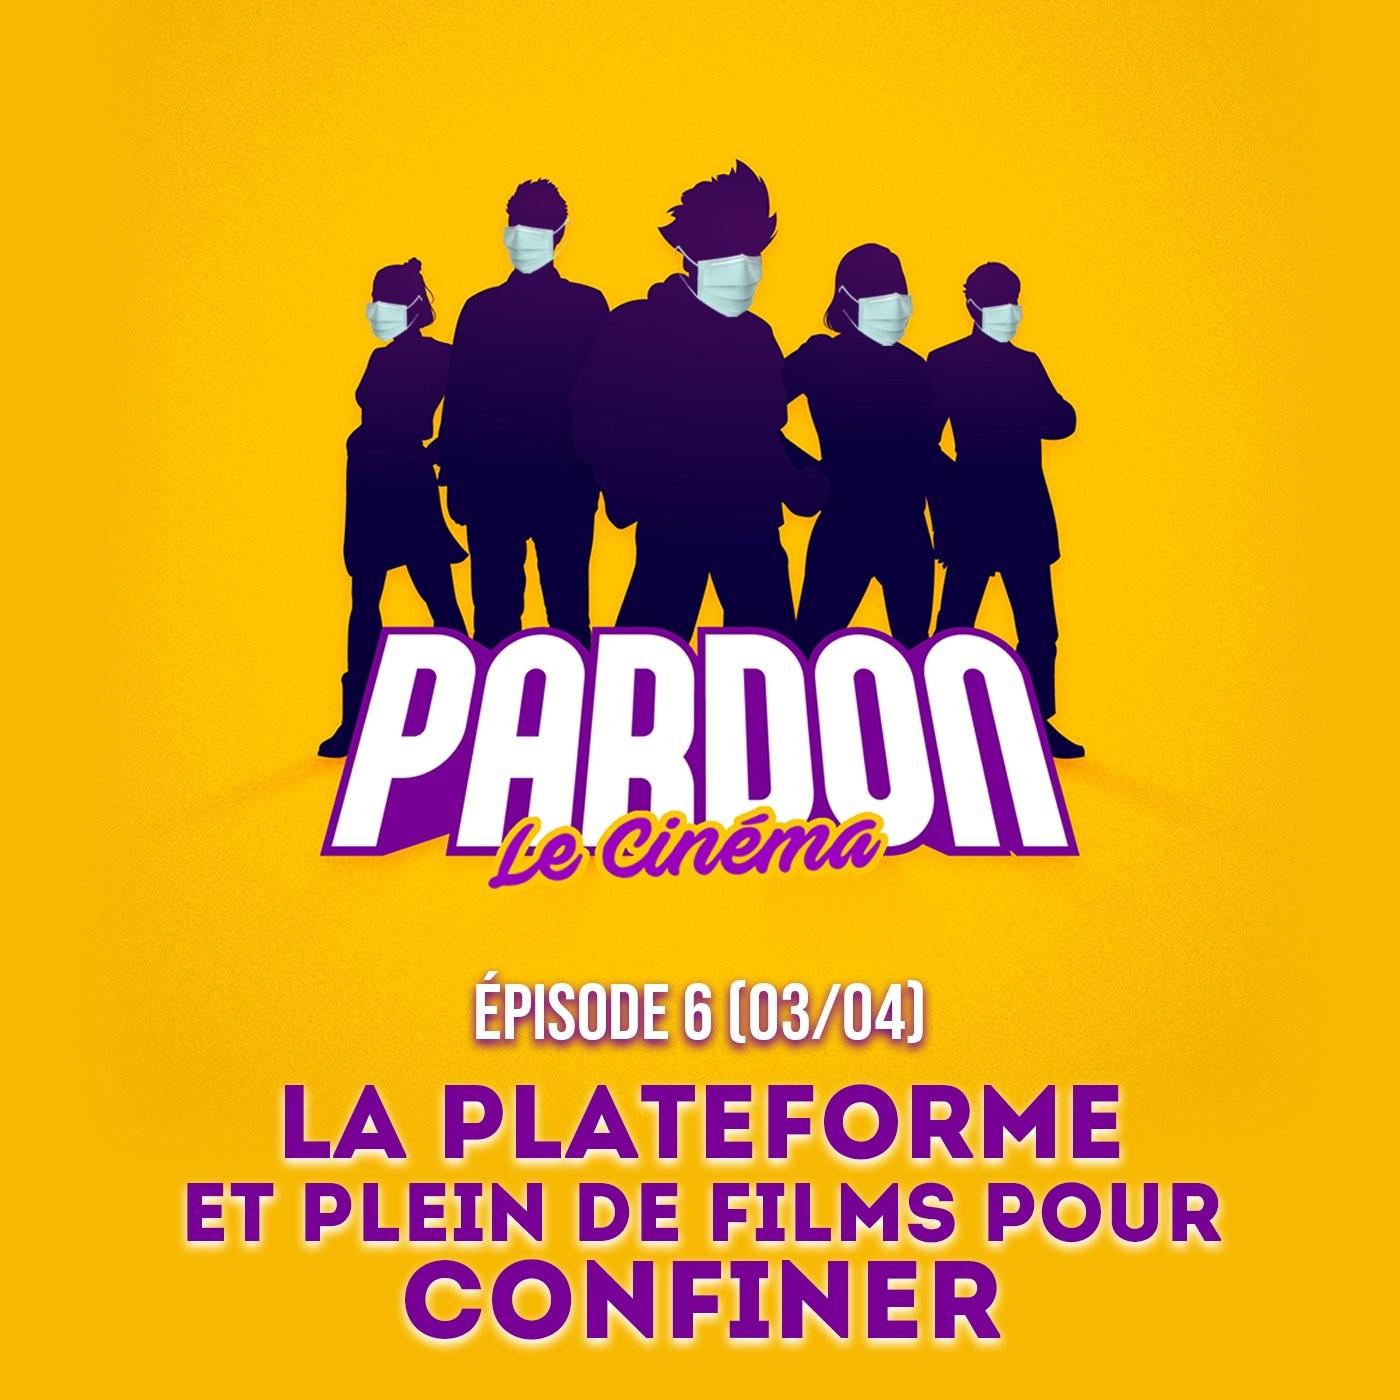 LA PLATEFORME & PLEINS DE FILMS POUR CONFINER